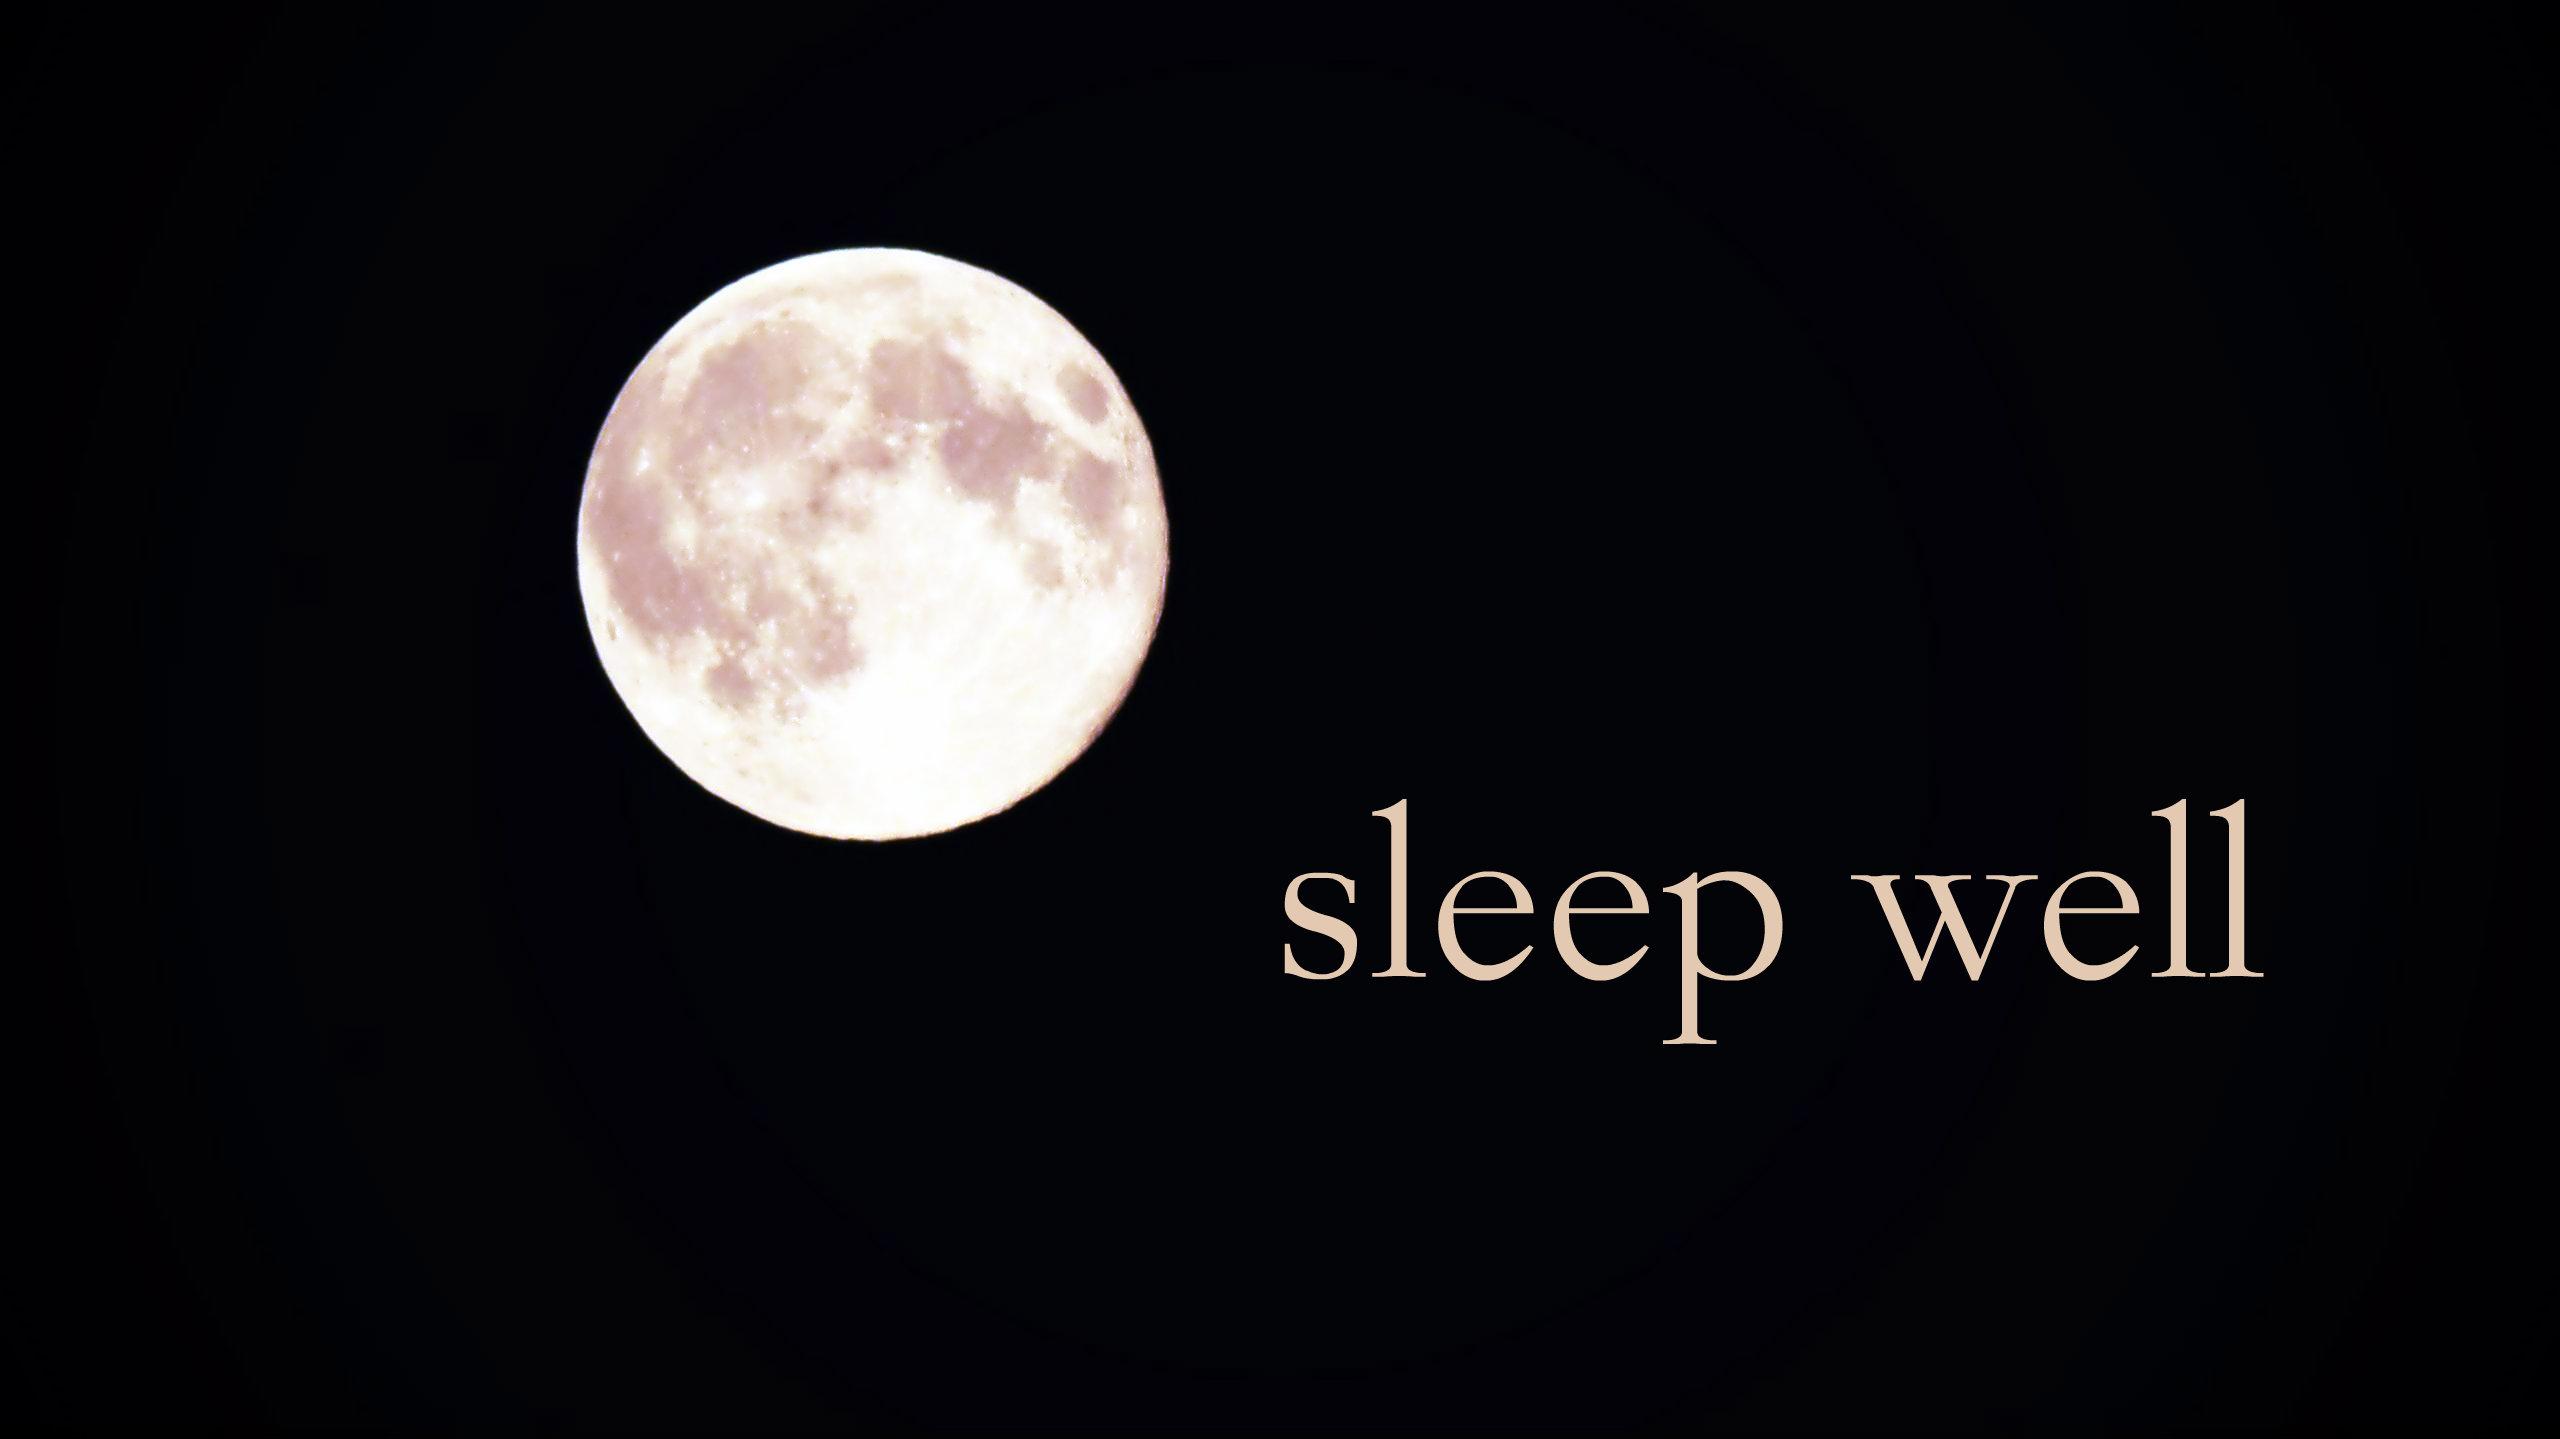 Ein Programm für besseren Schlaf